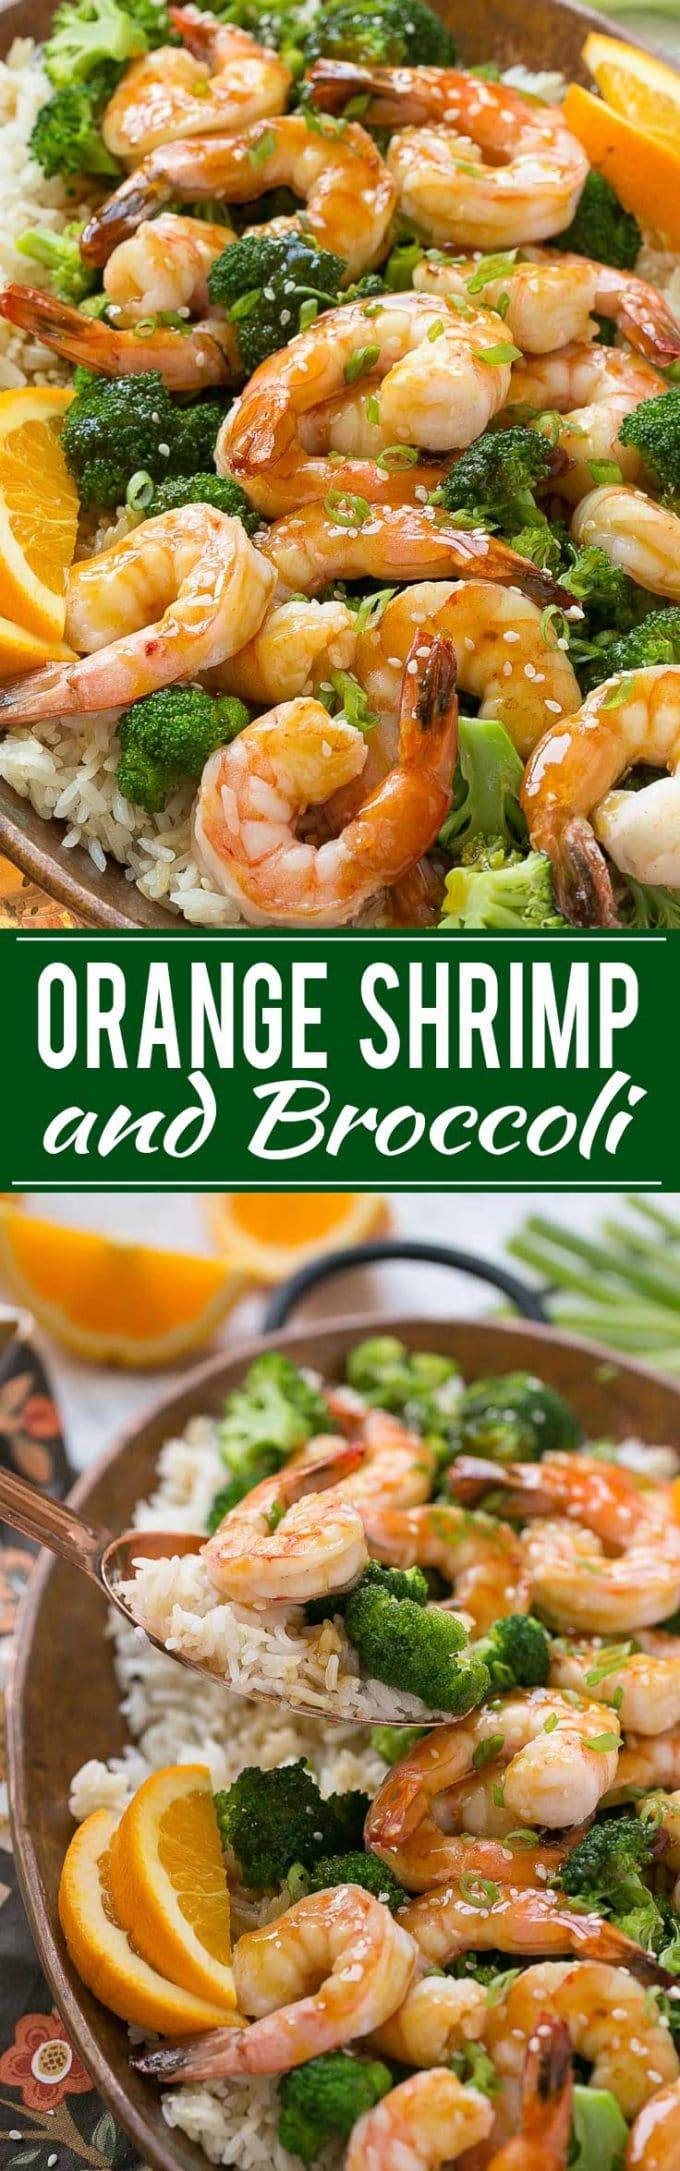 Orange Shrimp and Broccoli Recipe | Orange Shrimp Stir Fry | Orange Shrimp and Broccoli Stir Fry | Shrimp and Broccoli Stir Fry